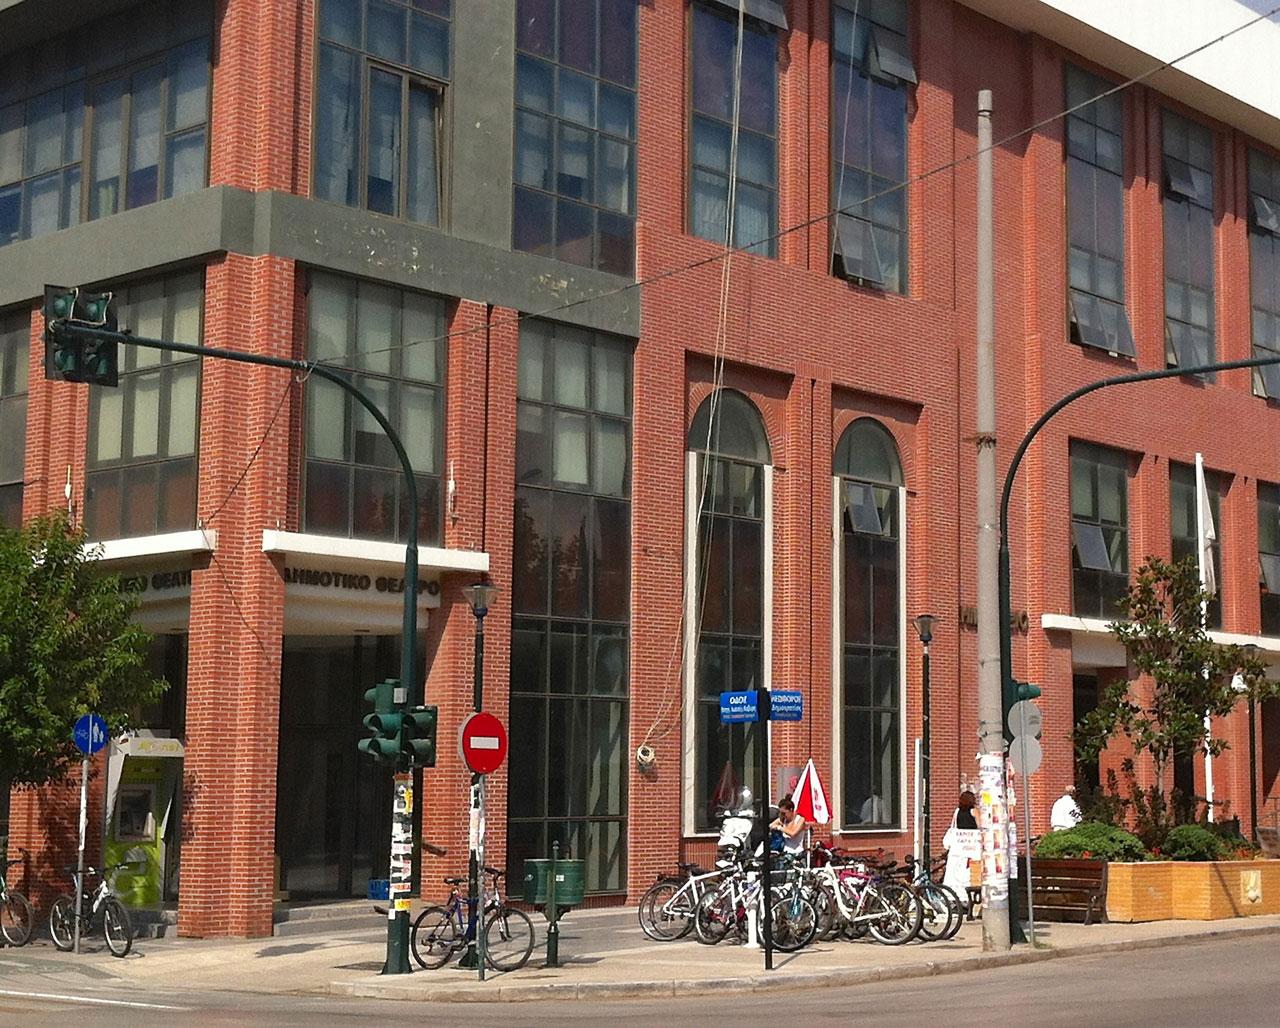 Το Δημοτικό Θέατρο καθαρό από αφίσες και πανώ (19/9/2012)